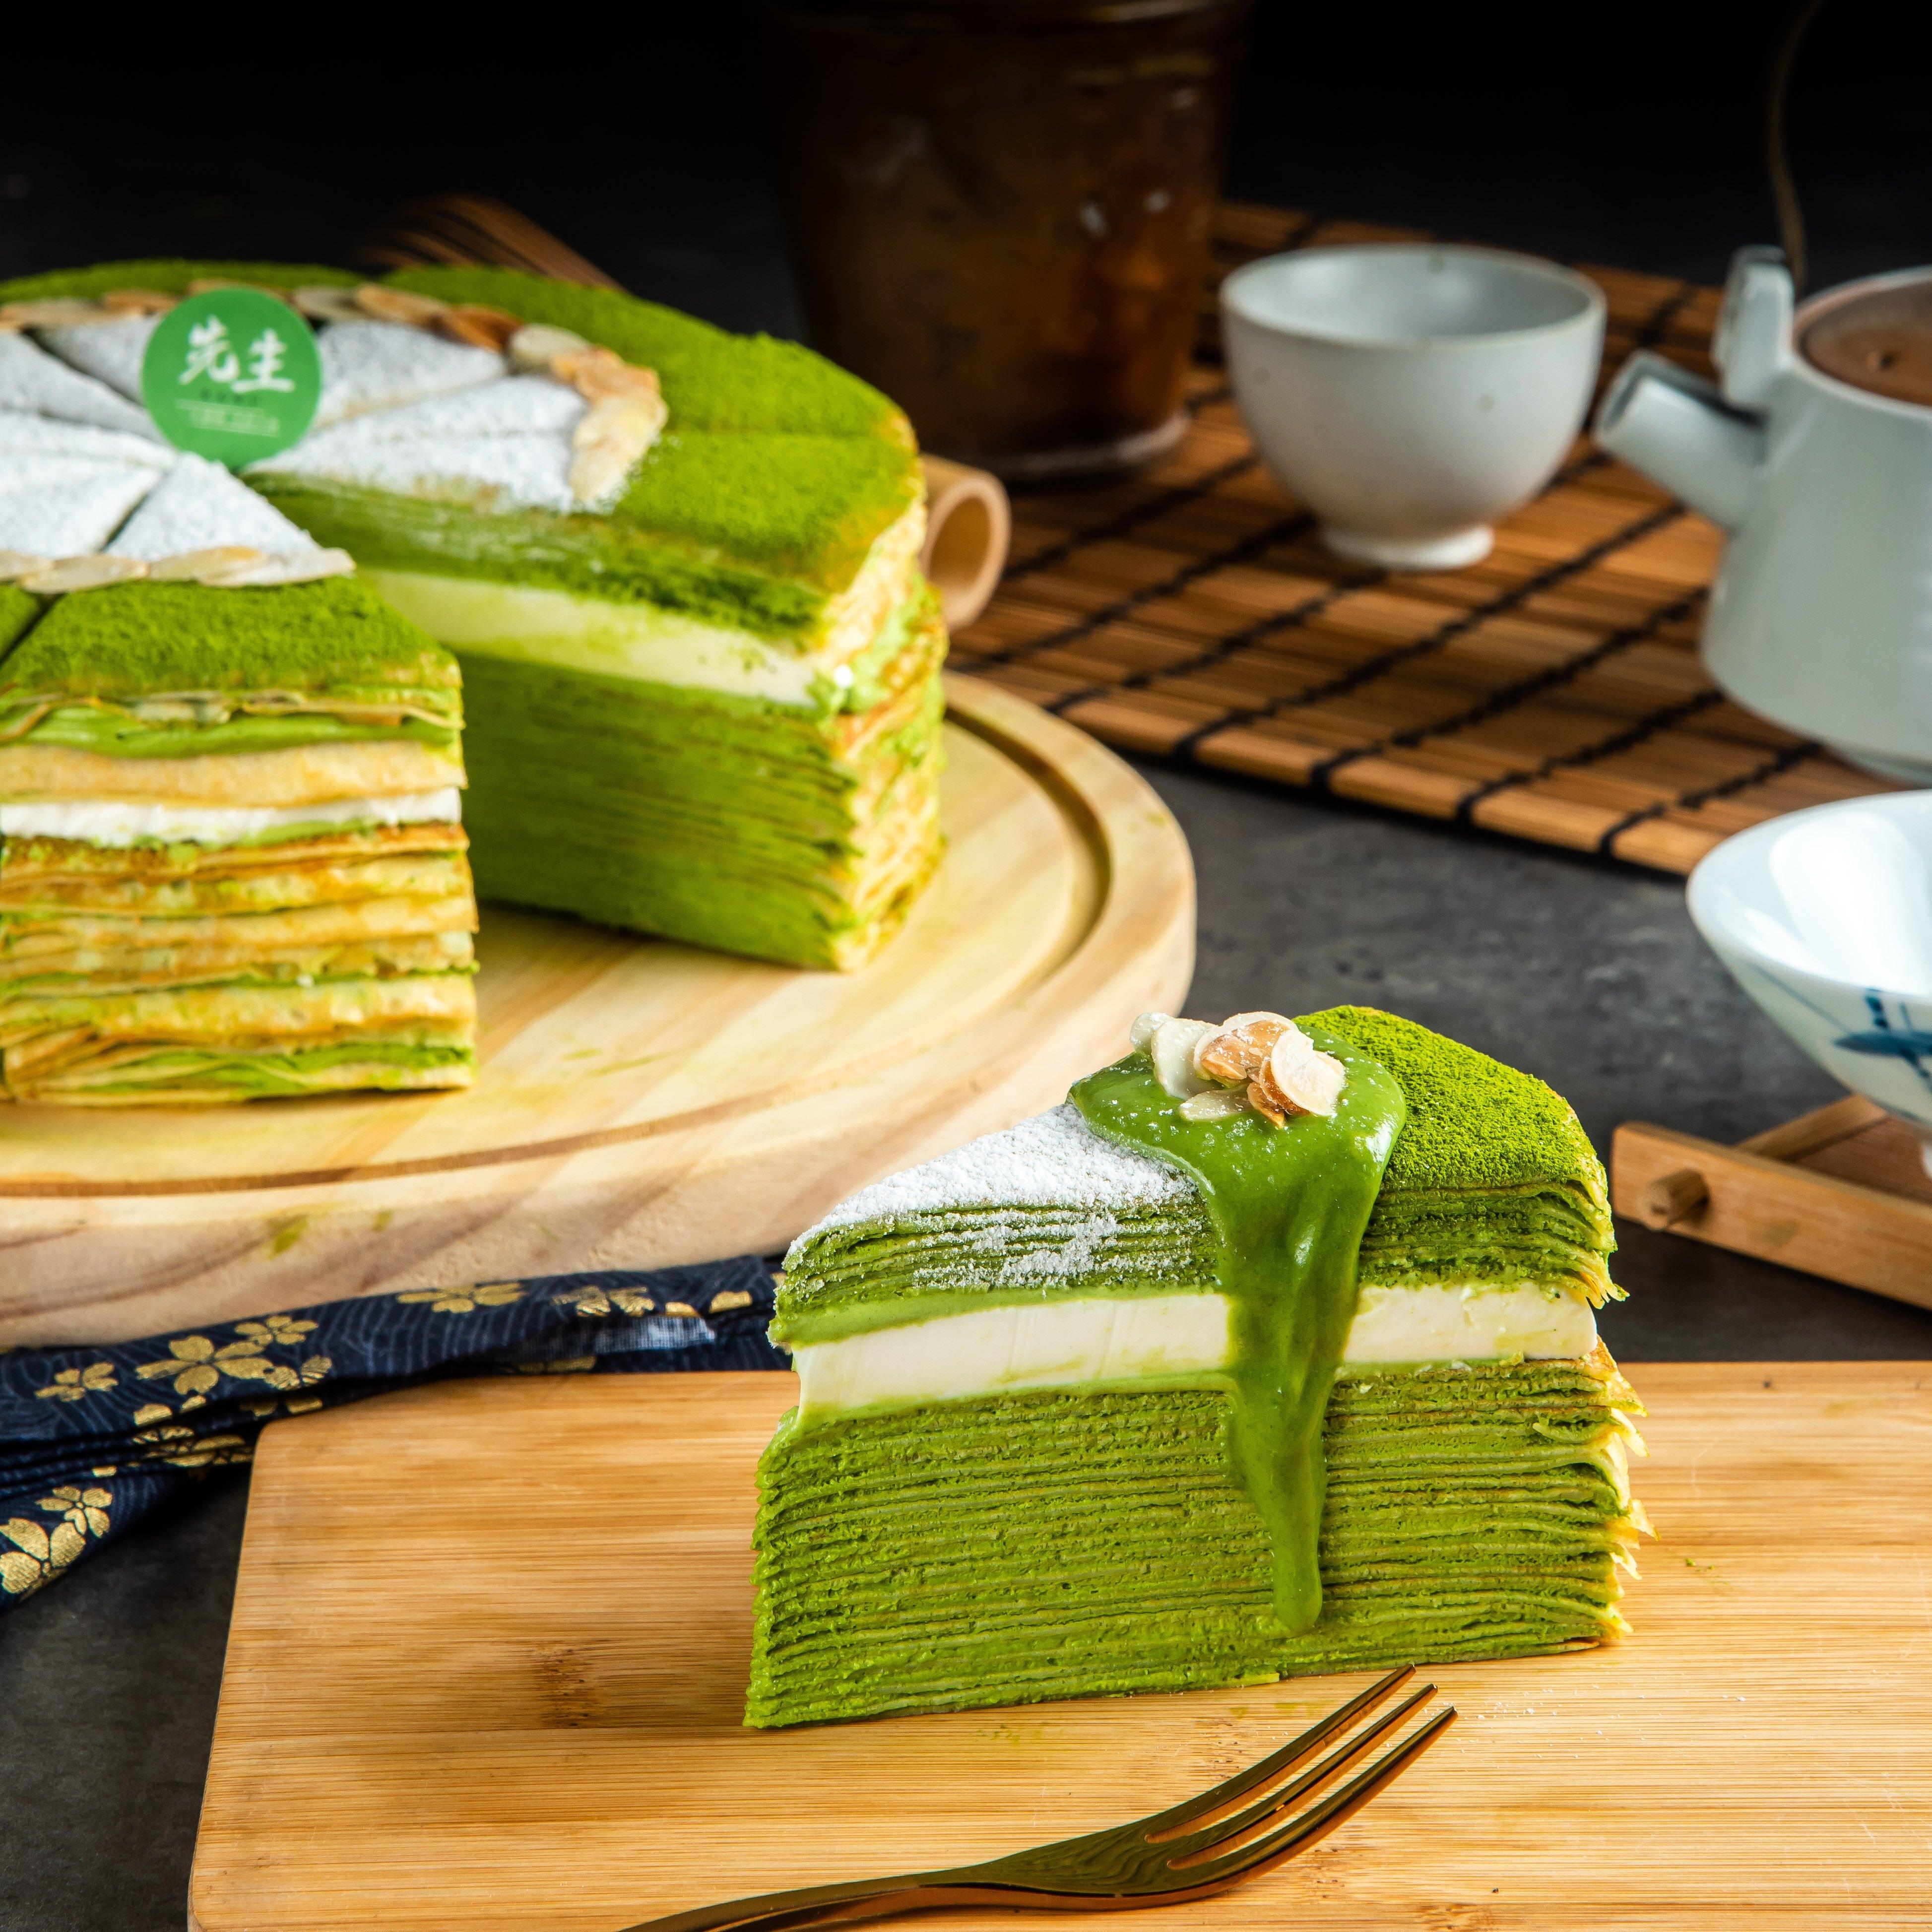 抹茶奶凍 千層蛋糕  日本小山園抹茶【Sensei先生千層】8吋